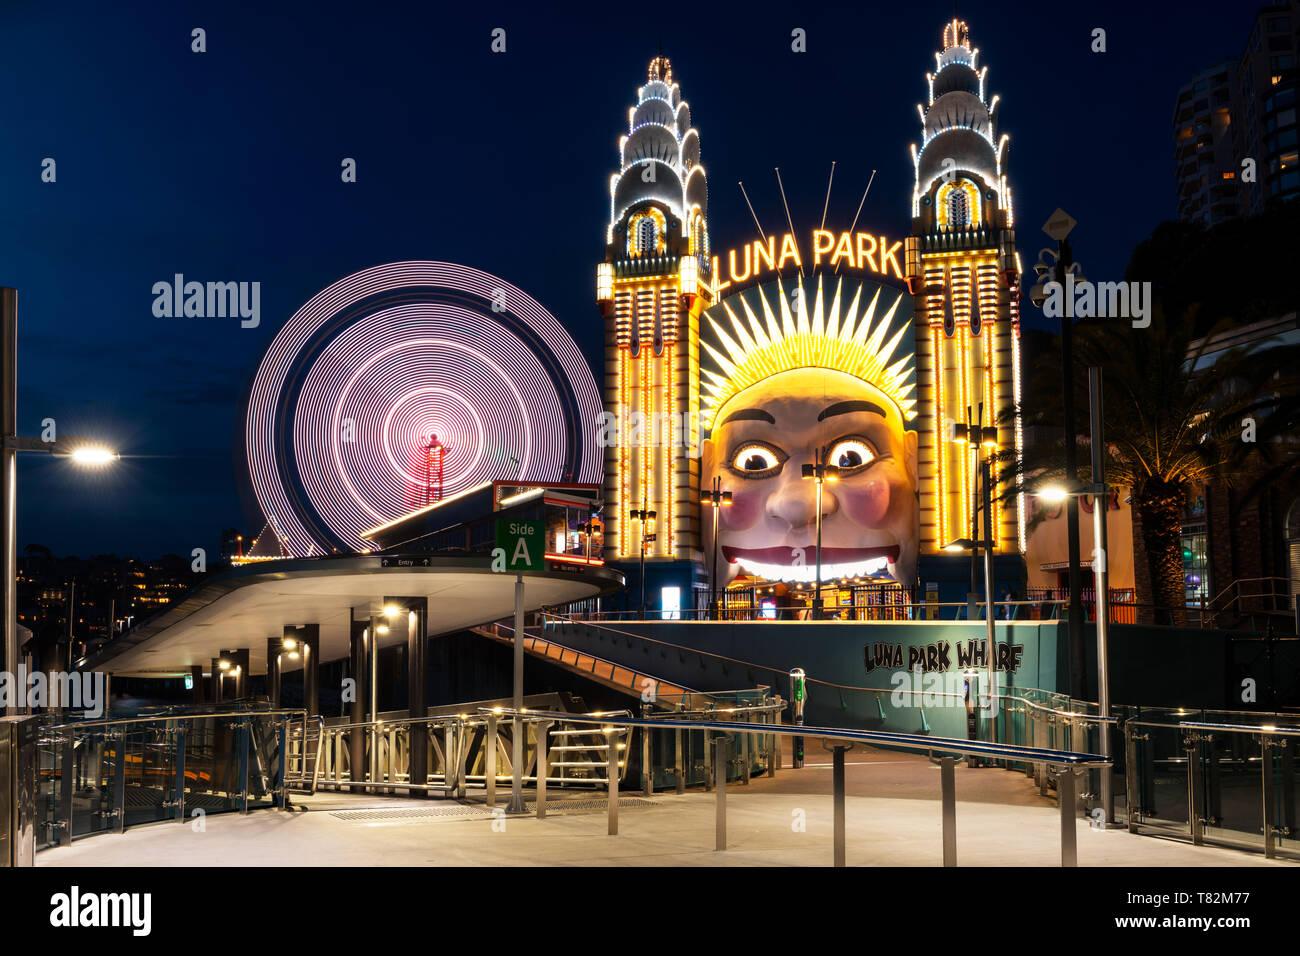 Entrada del famoso Luna Park en el centro de la ciudad de Sydney. Imagen De Stock